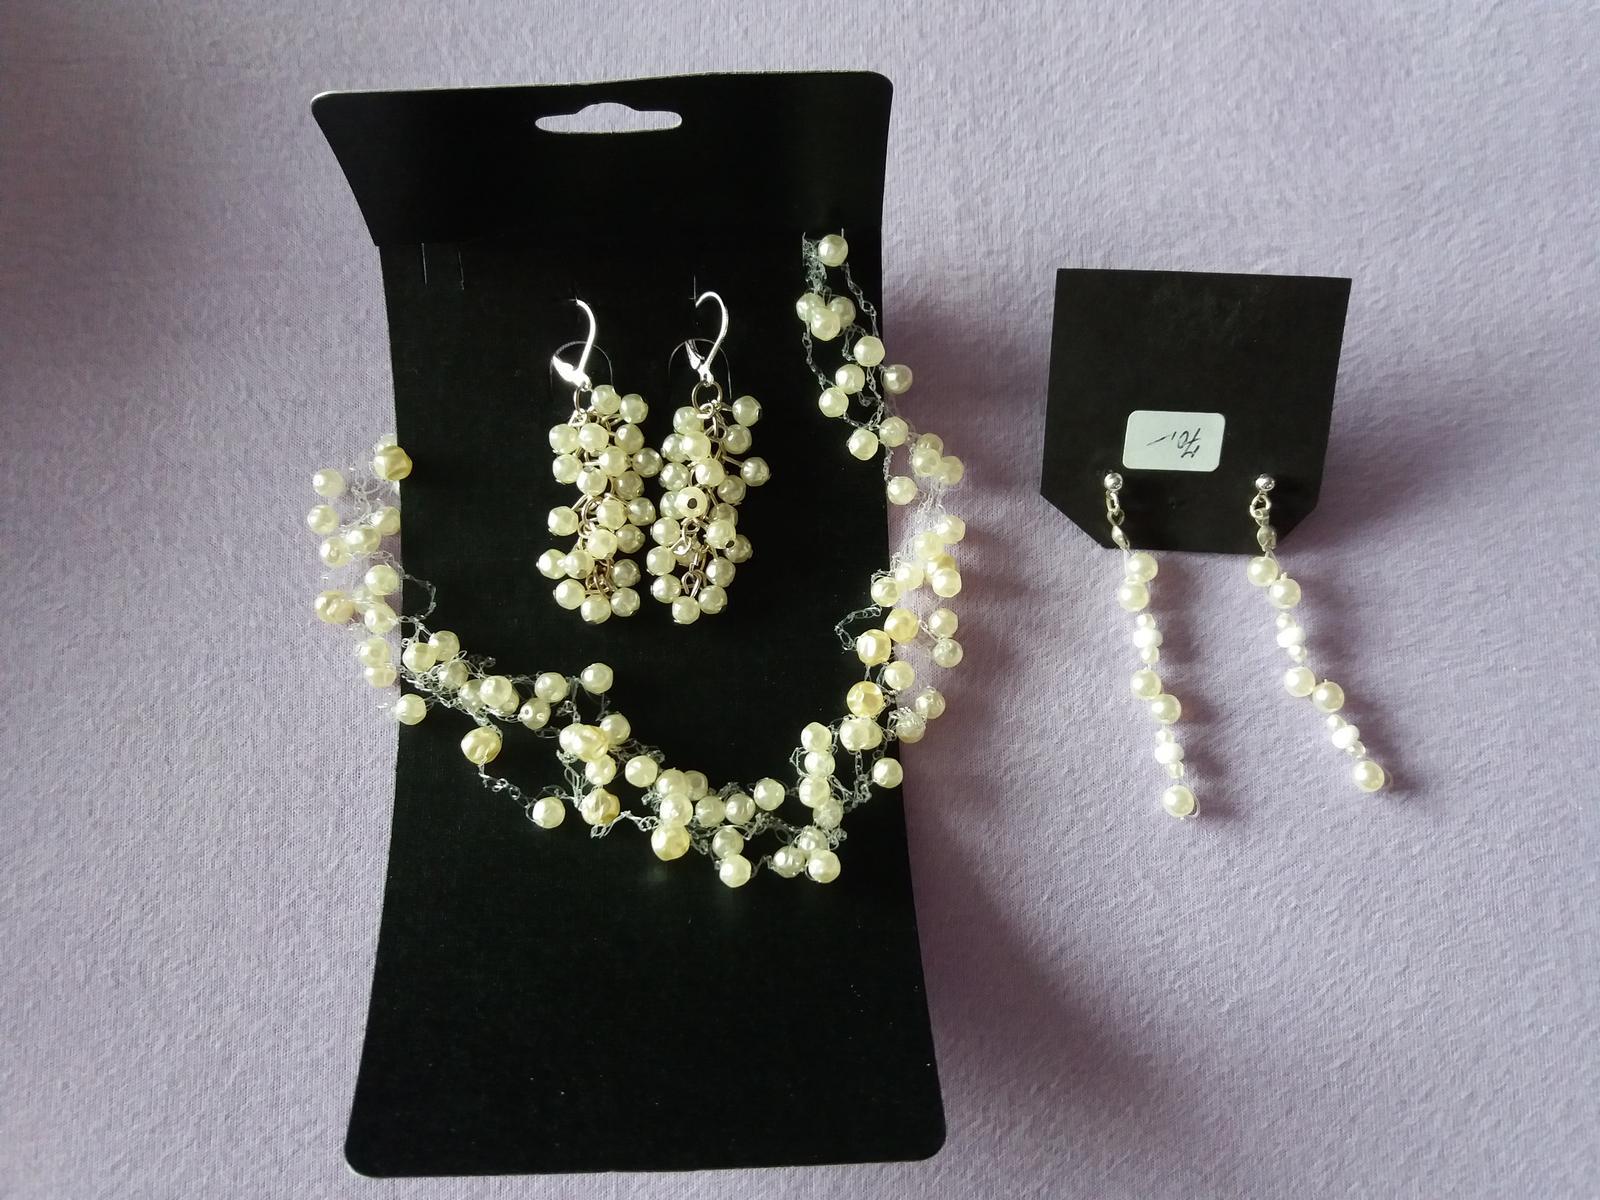 Korálkový/perličkový náhrdelník + 2 páry naušnic - Obrázek č. 1